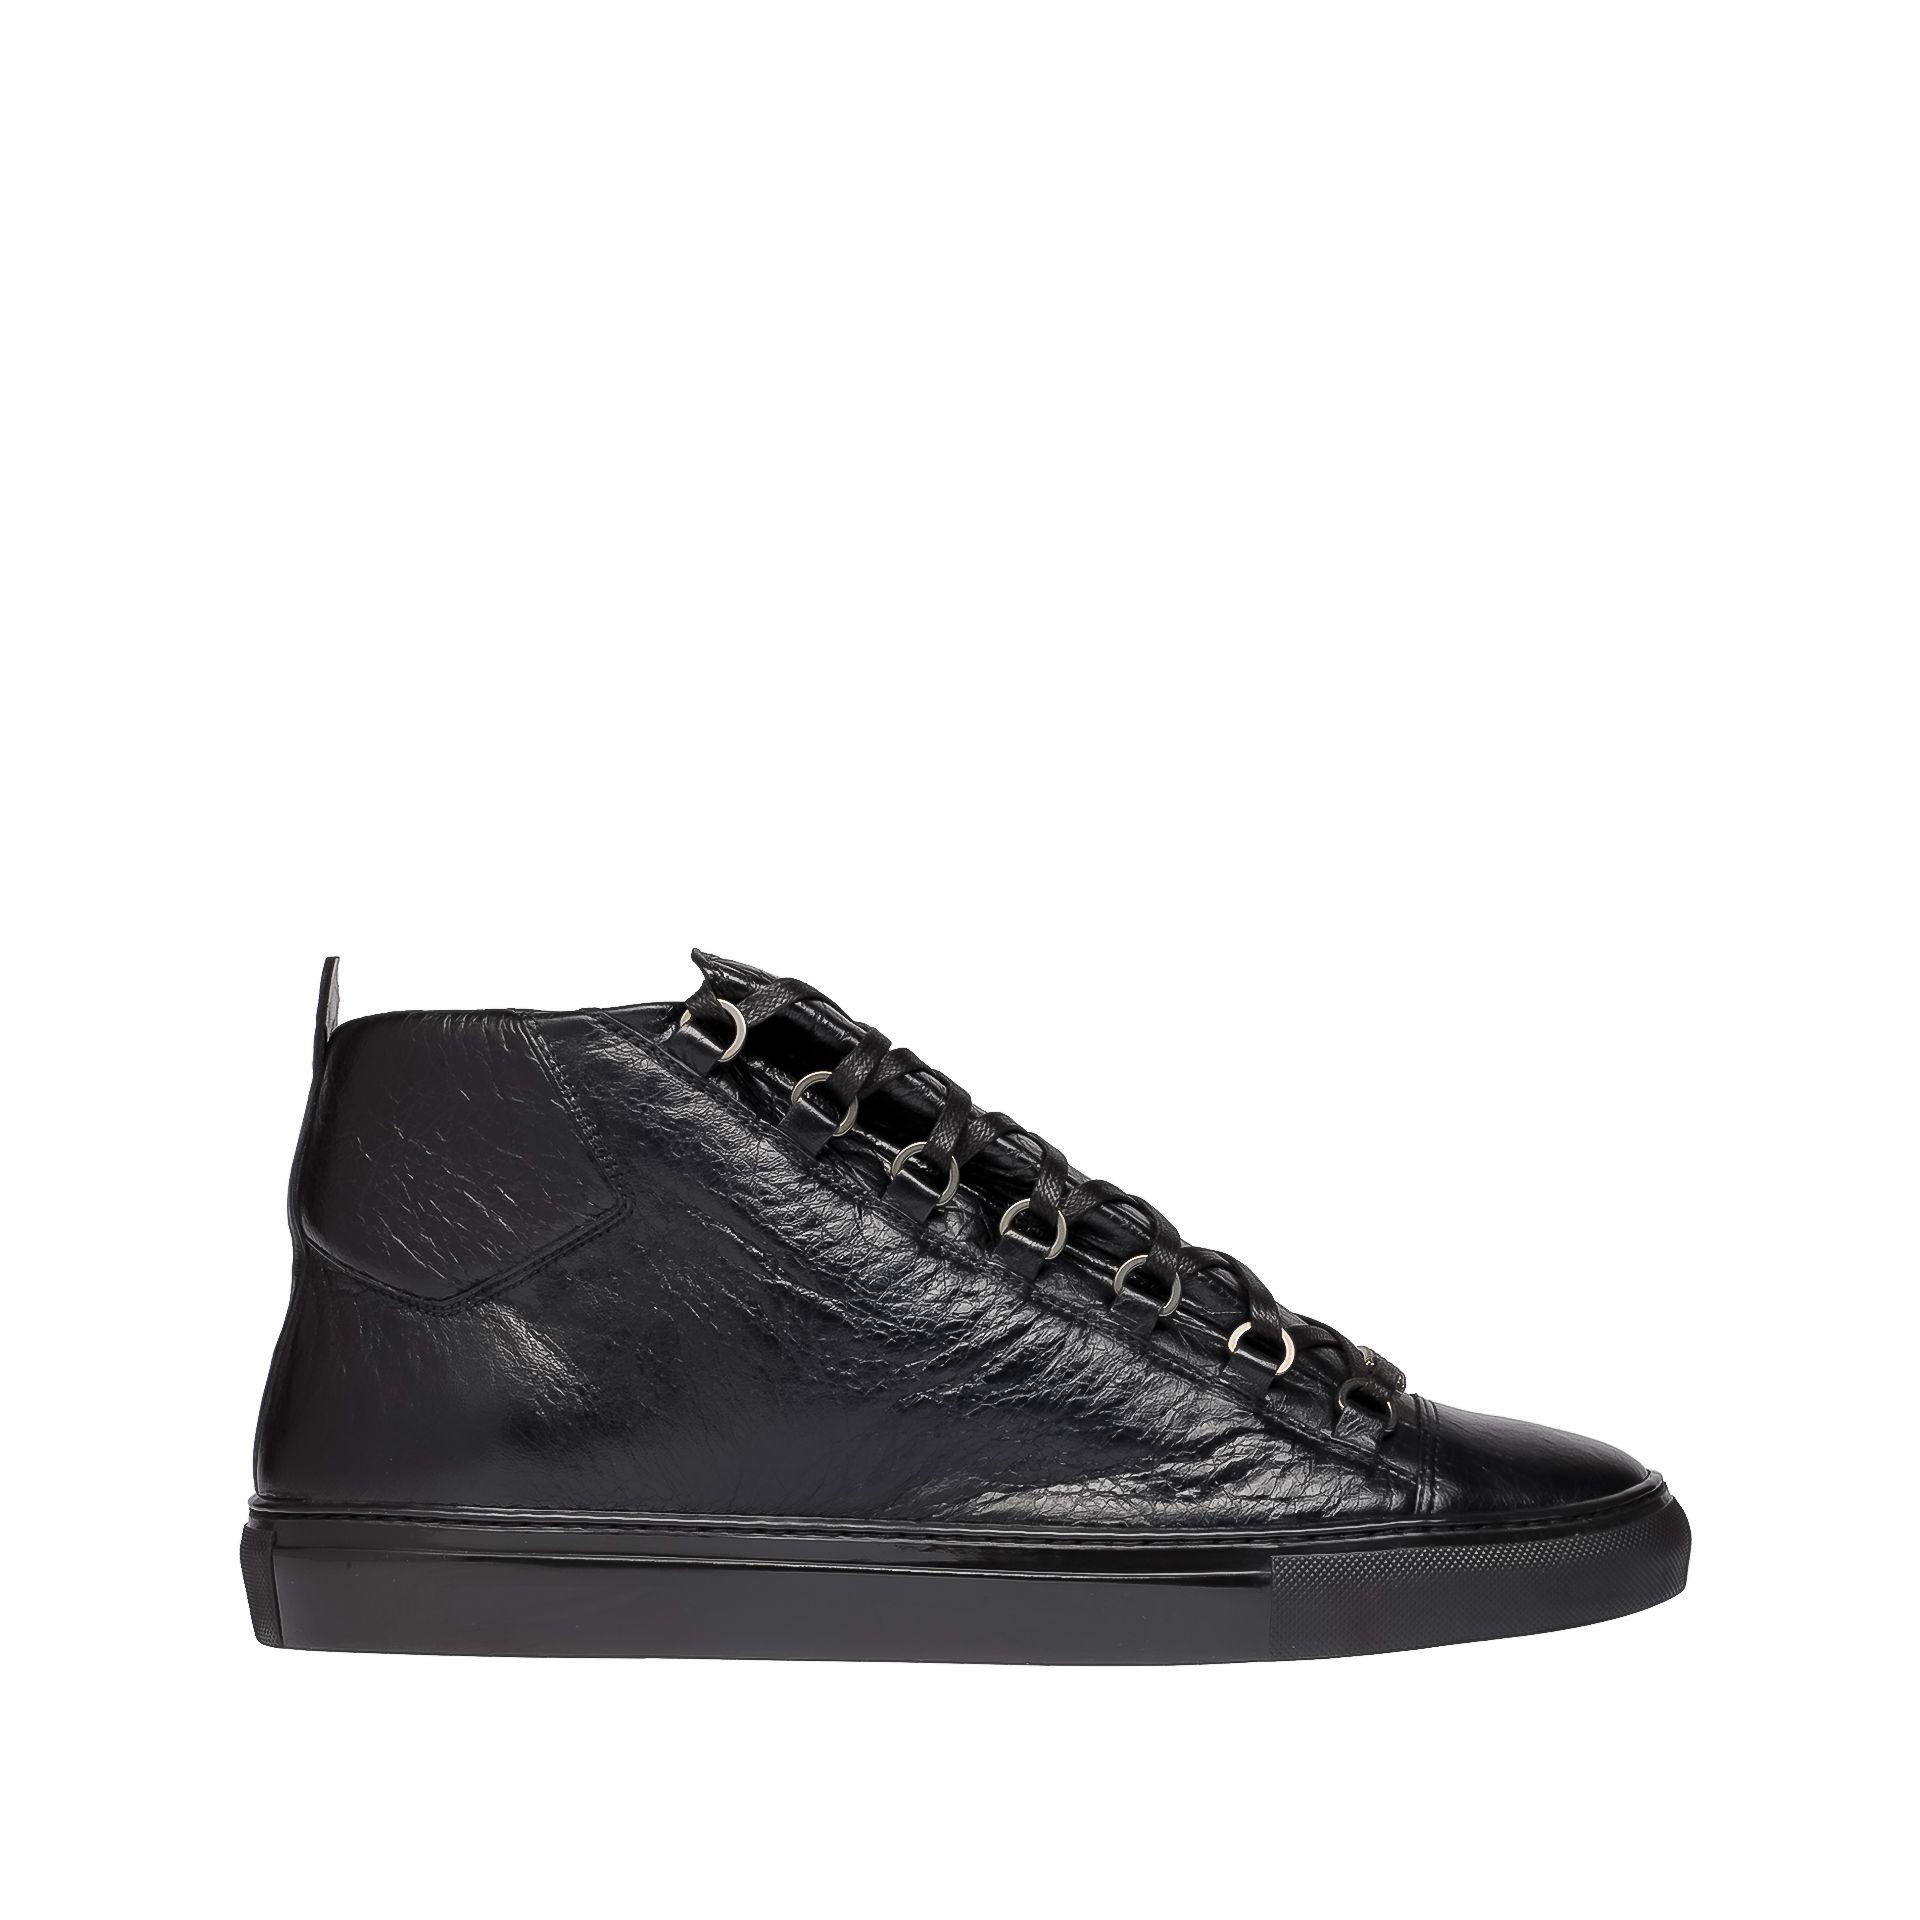 Chaussure Balenciaga Pas Cher Homme